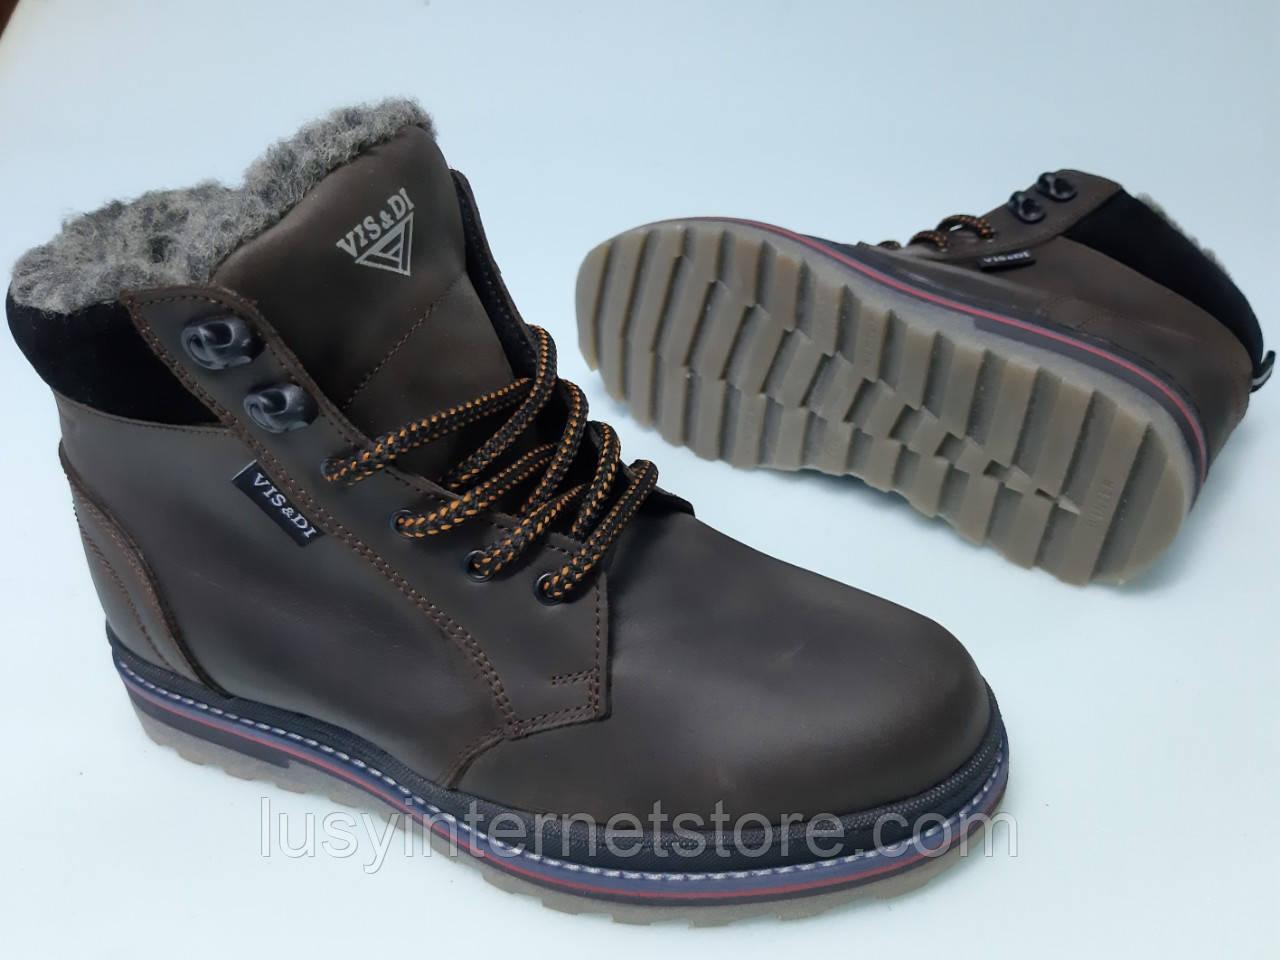 Ботинки зимние мужские кожаные на шнурках от производителя модель ДИБС16